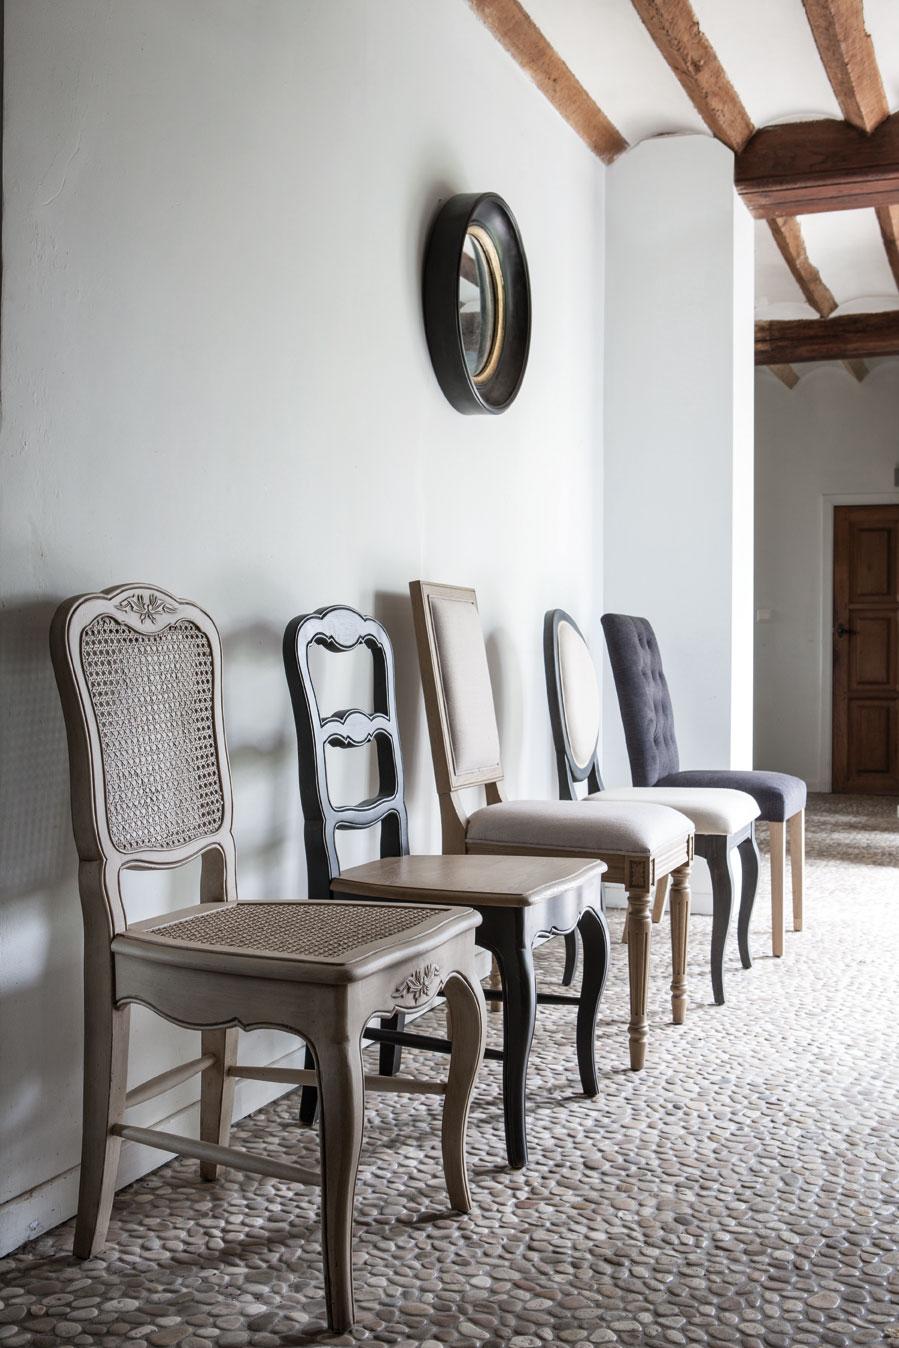 Chaise Salle A Manger Louis Xv quelle chaise pour quelle salle à manger ? – le blog